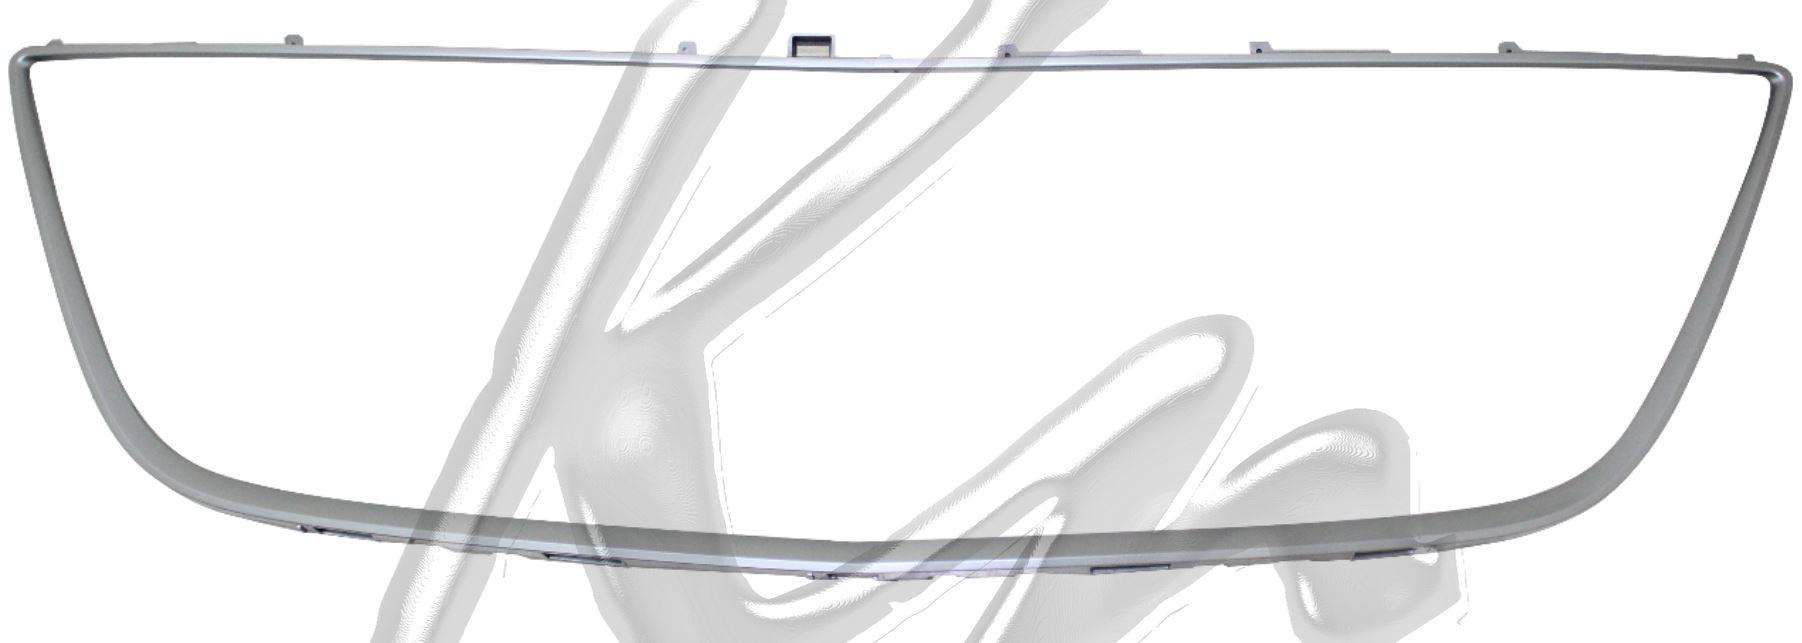 moulure de pare chocs avant chromee pour mazda cx7 a partir de 06 2009. Black Bedroom Furniture Sets. Home Design Ideas